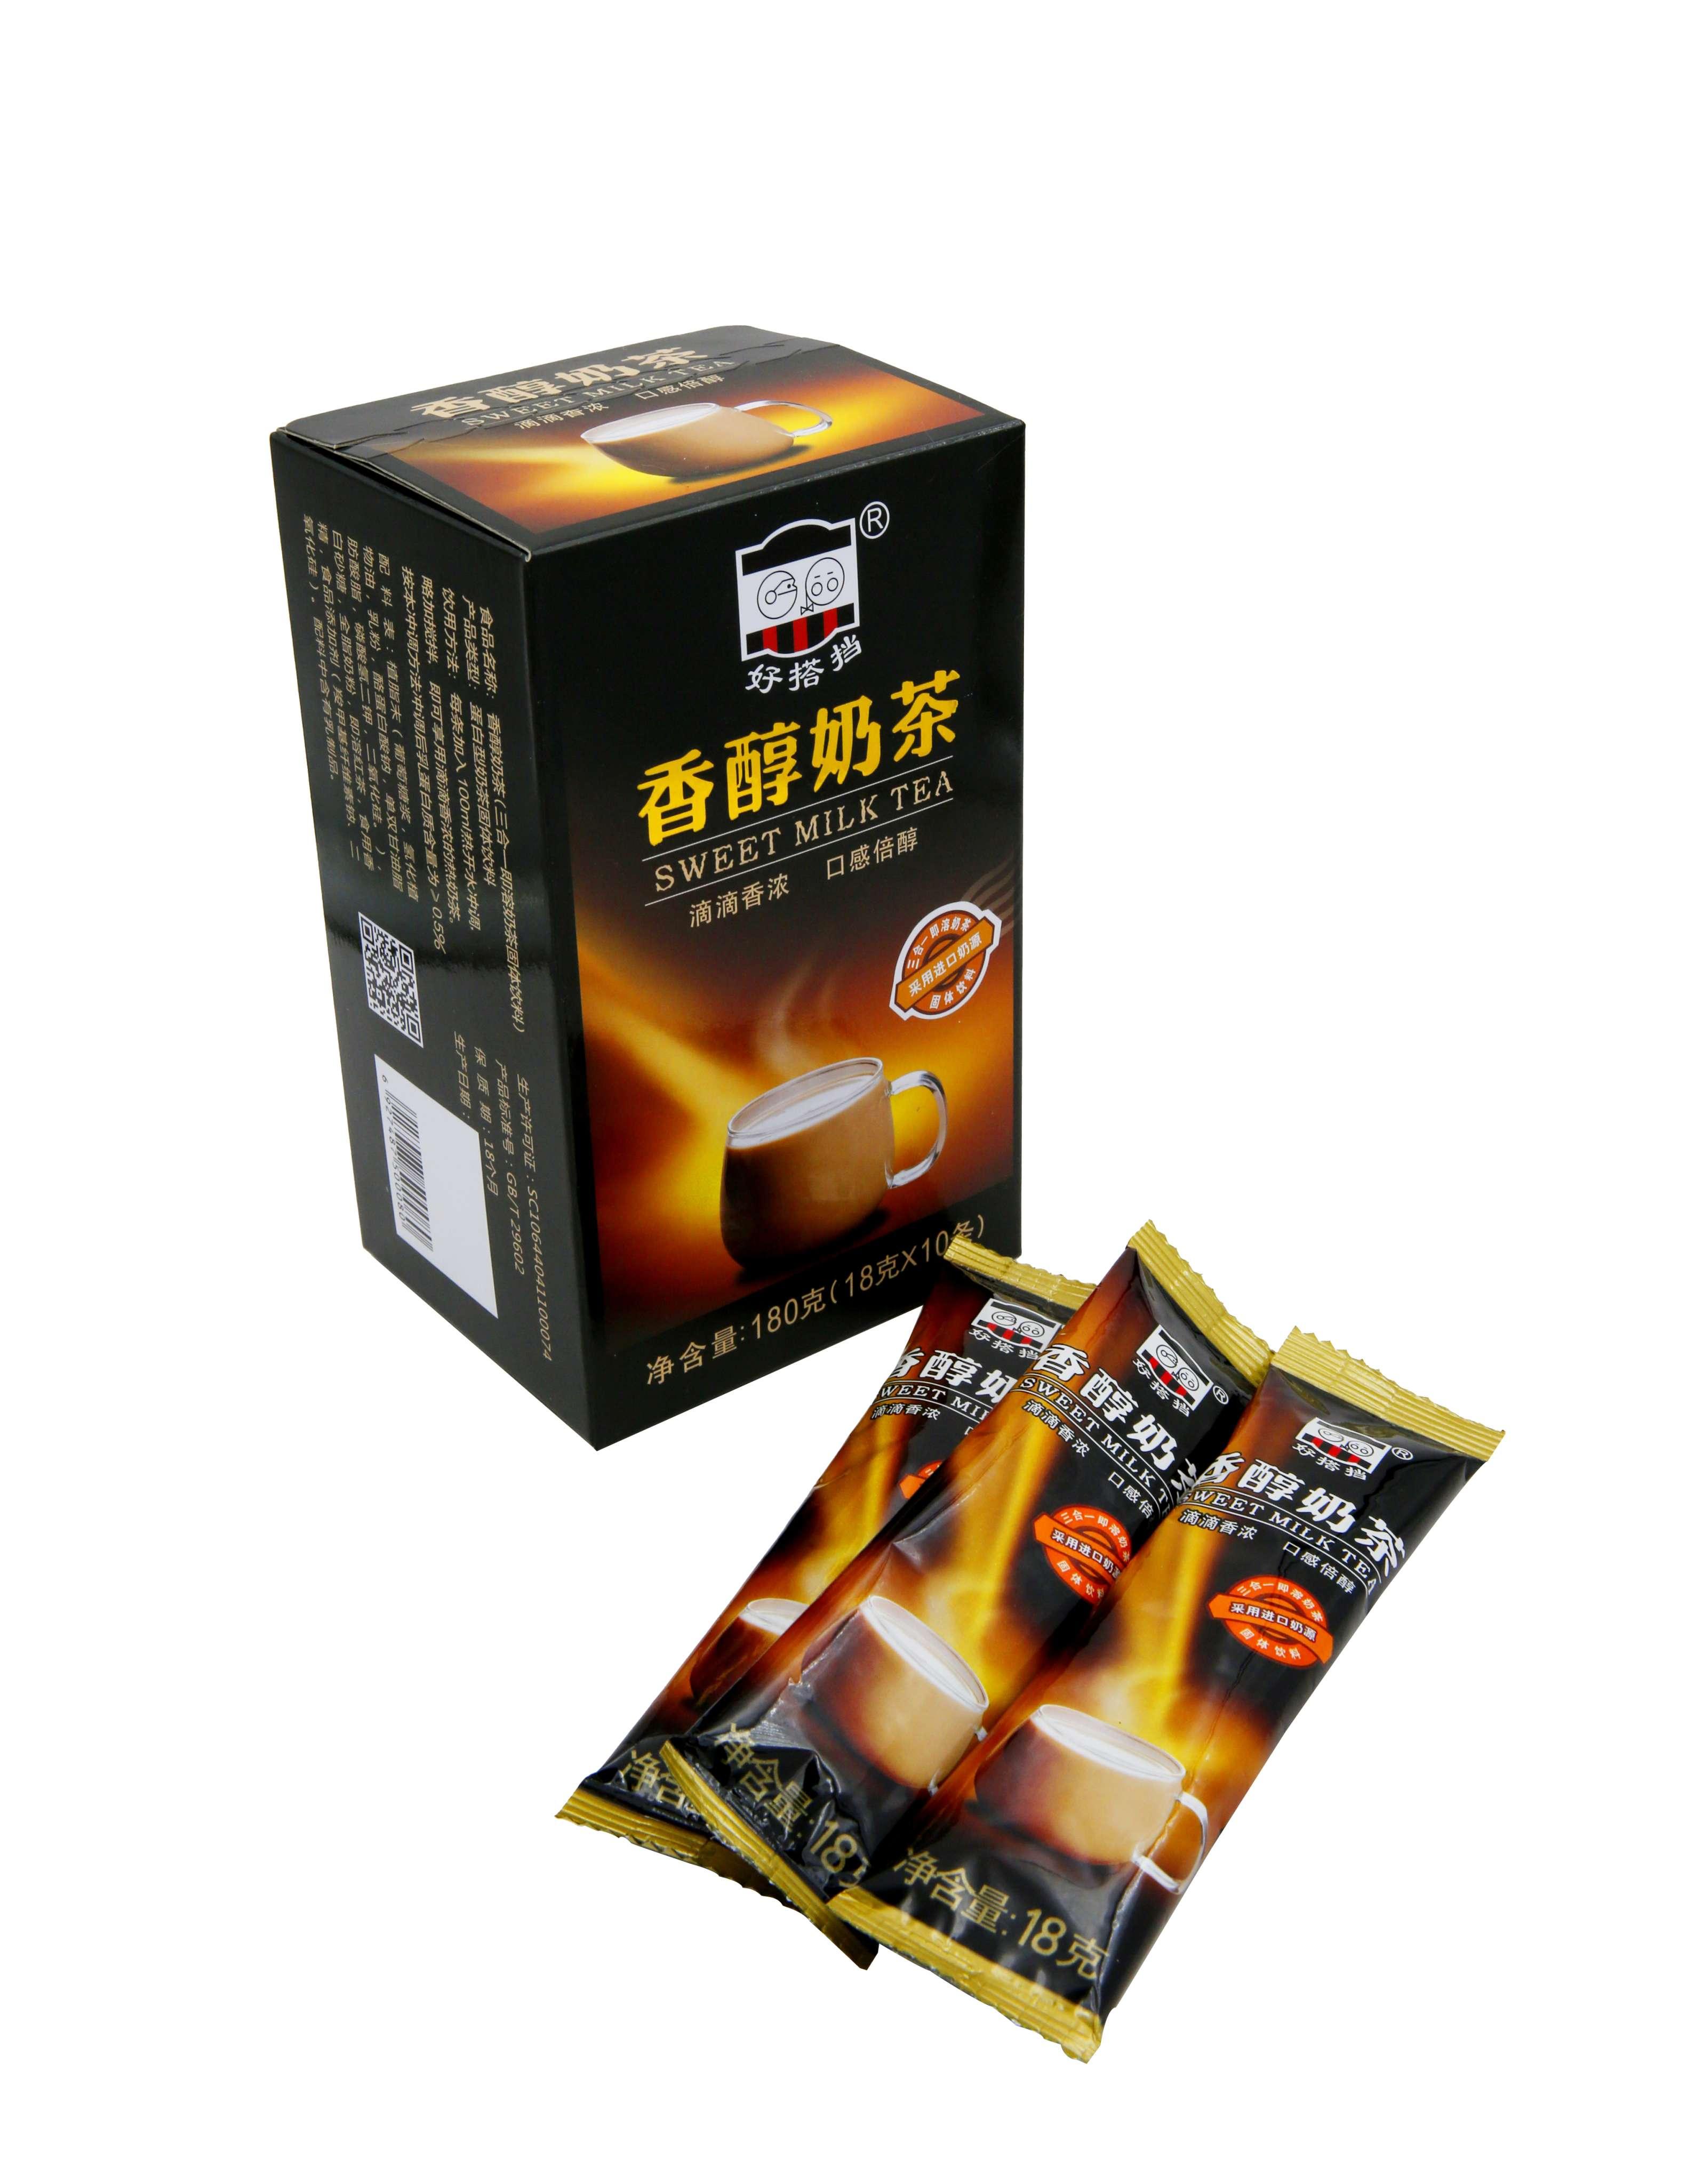 香醇奶茶18克x10包